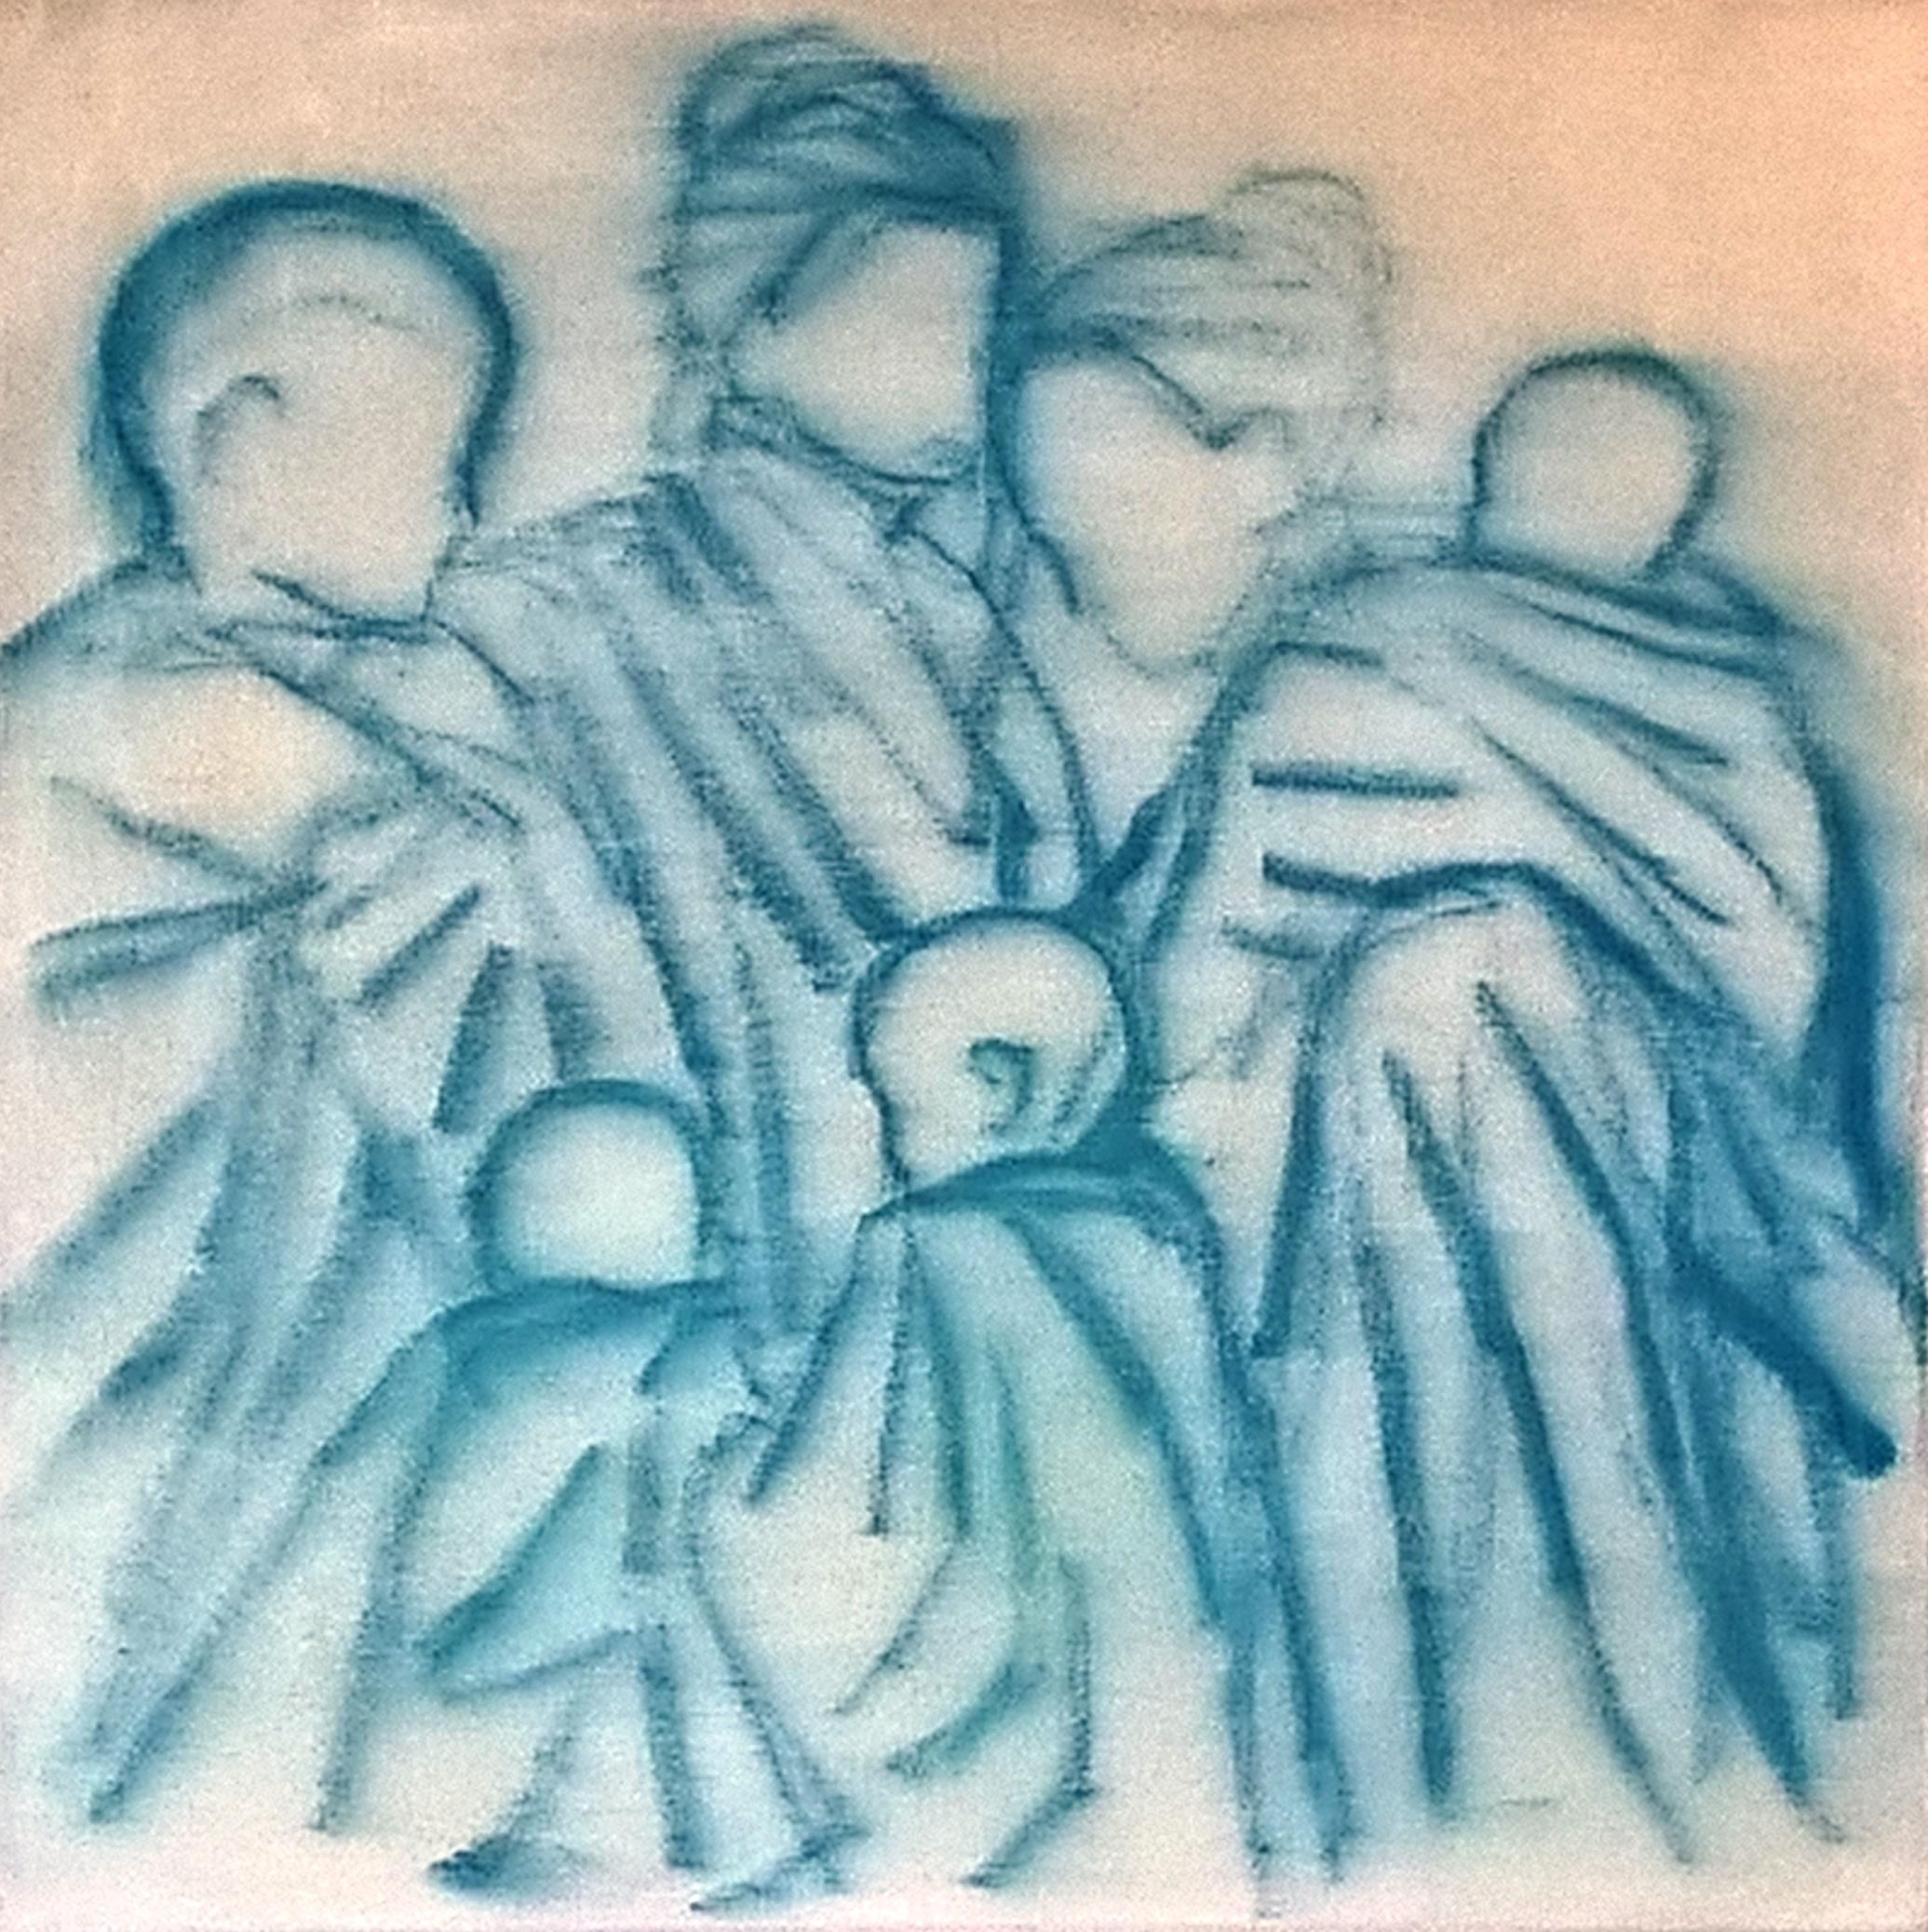 The Ethiopians blue